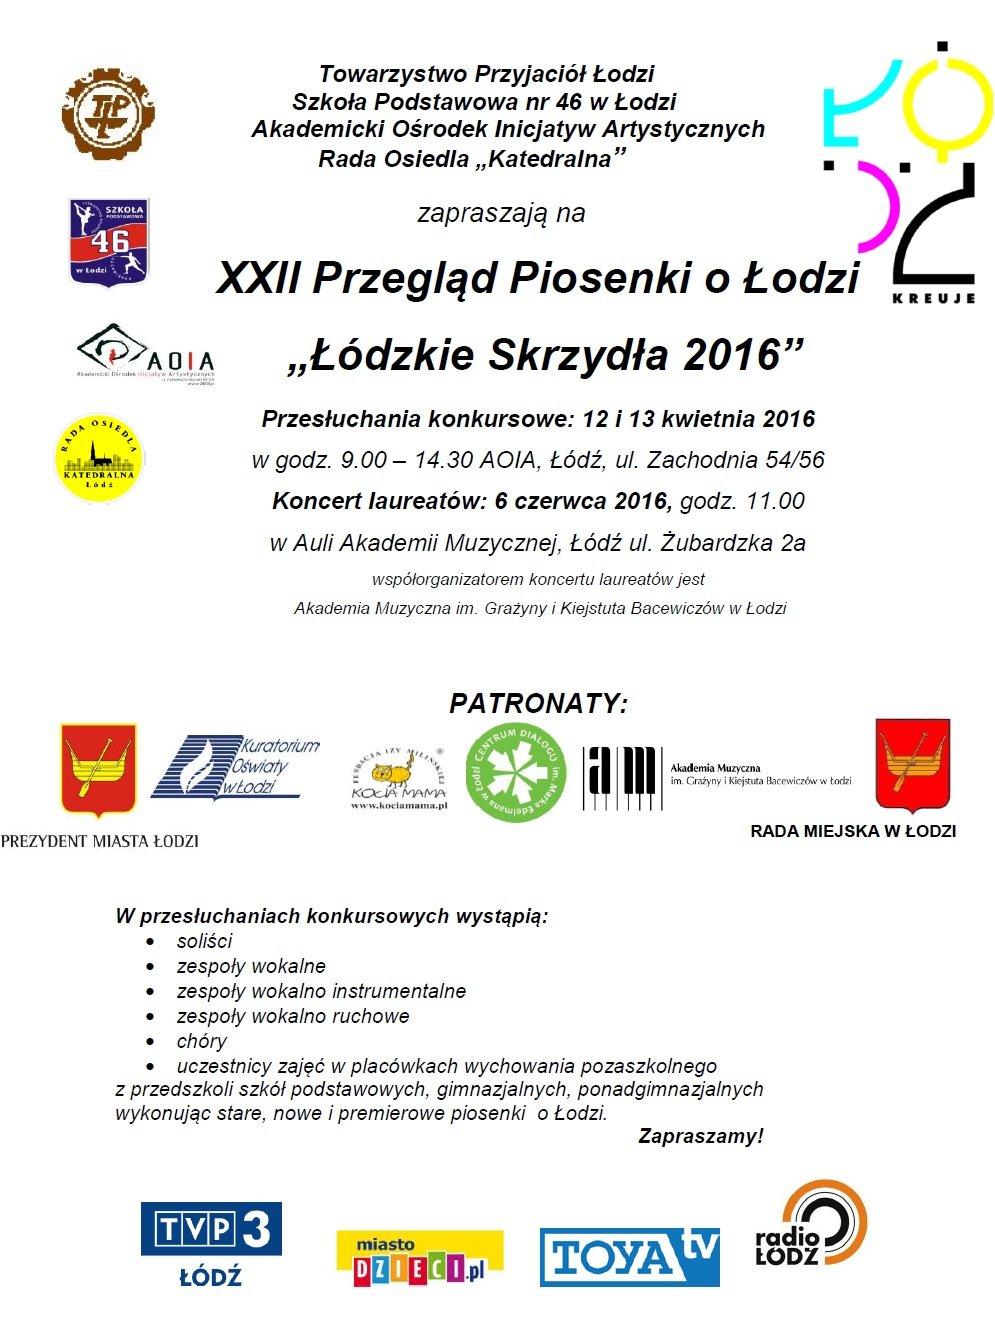 Plakat Festiwalu Łódzkie Skrzydła 2016